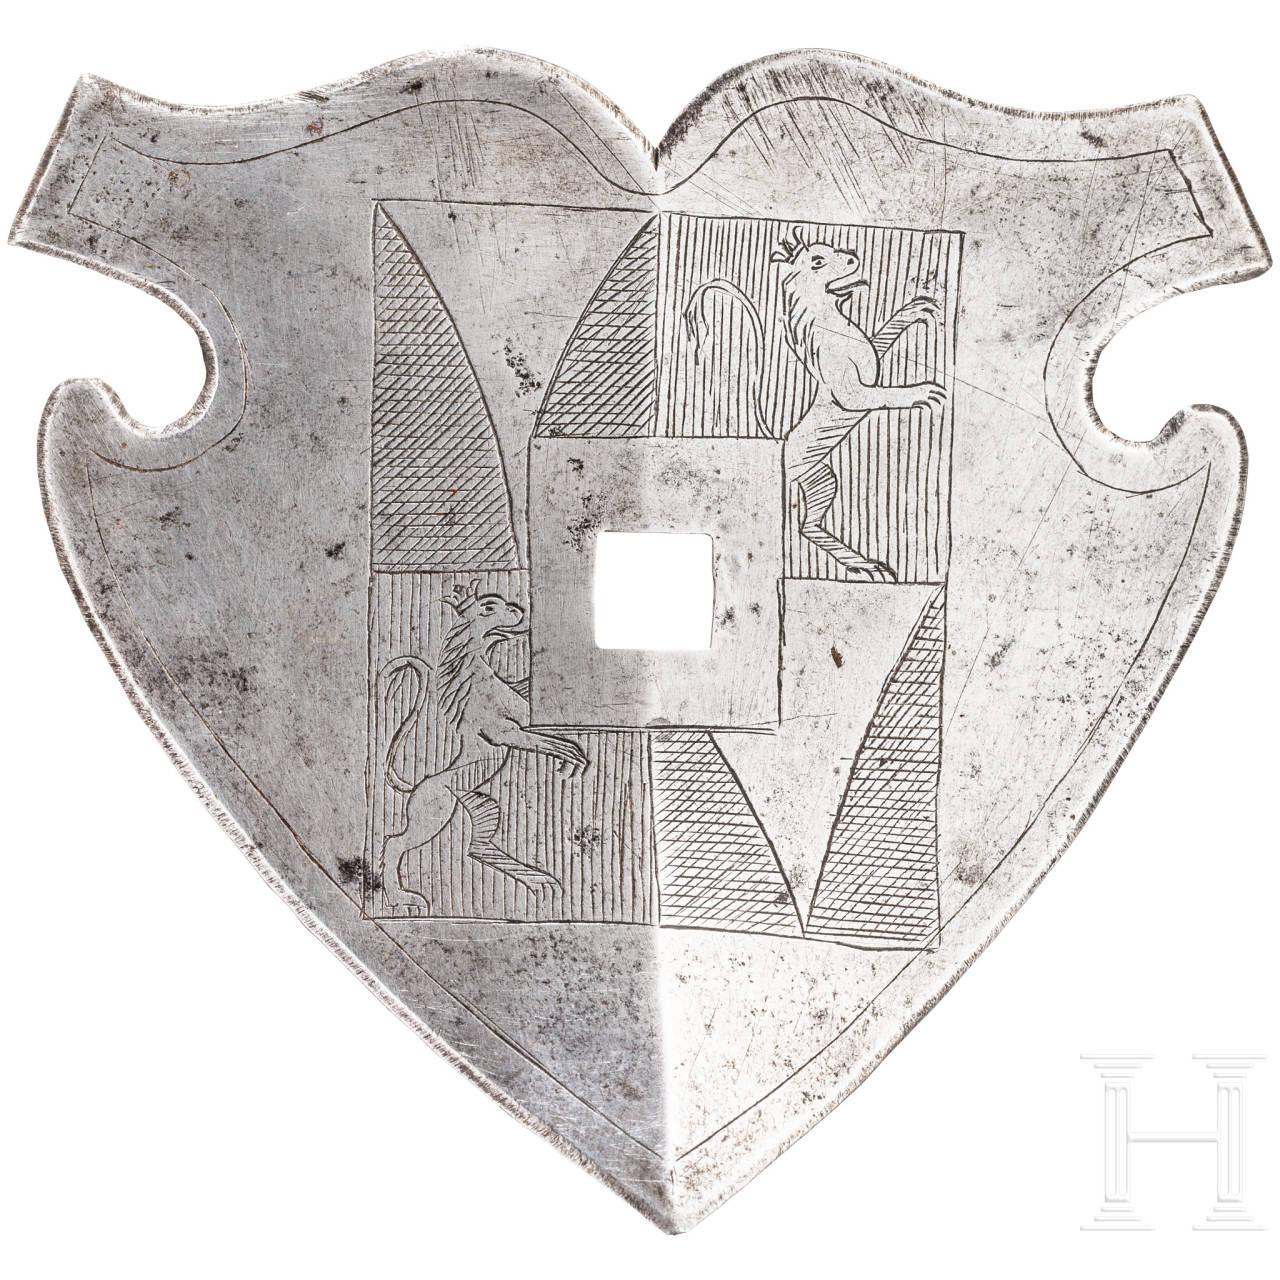 Wappenschild für eine Rossstirn, 16. Jhdt.